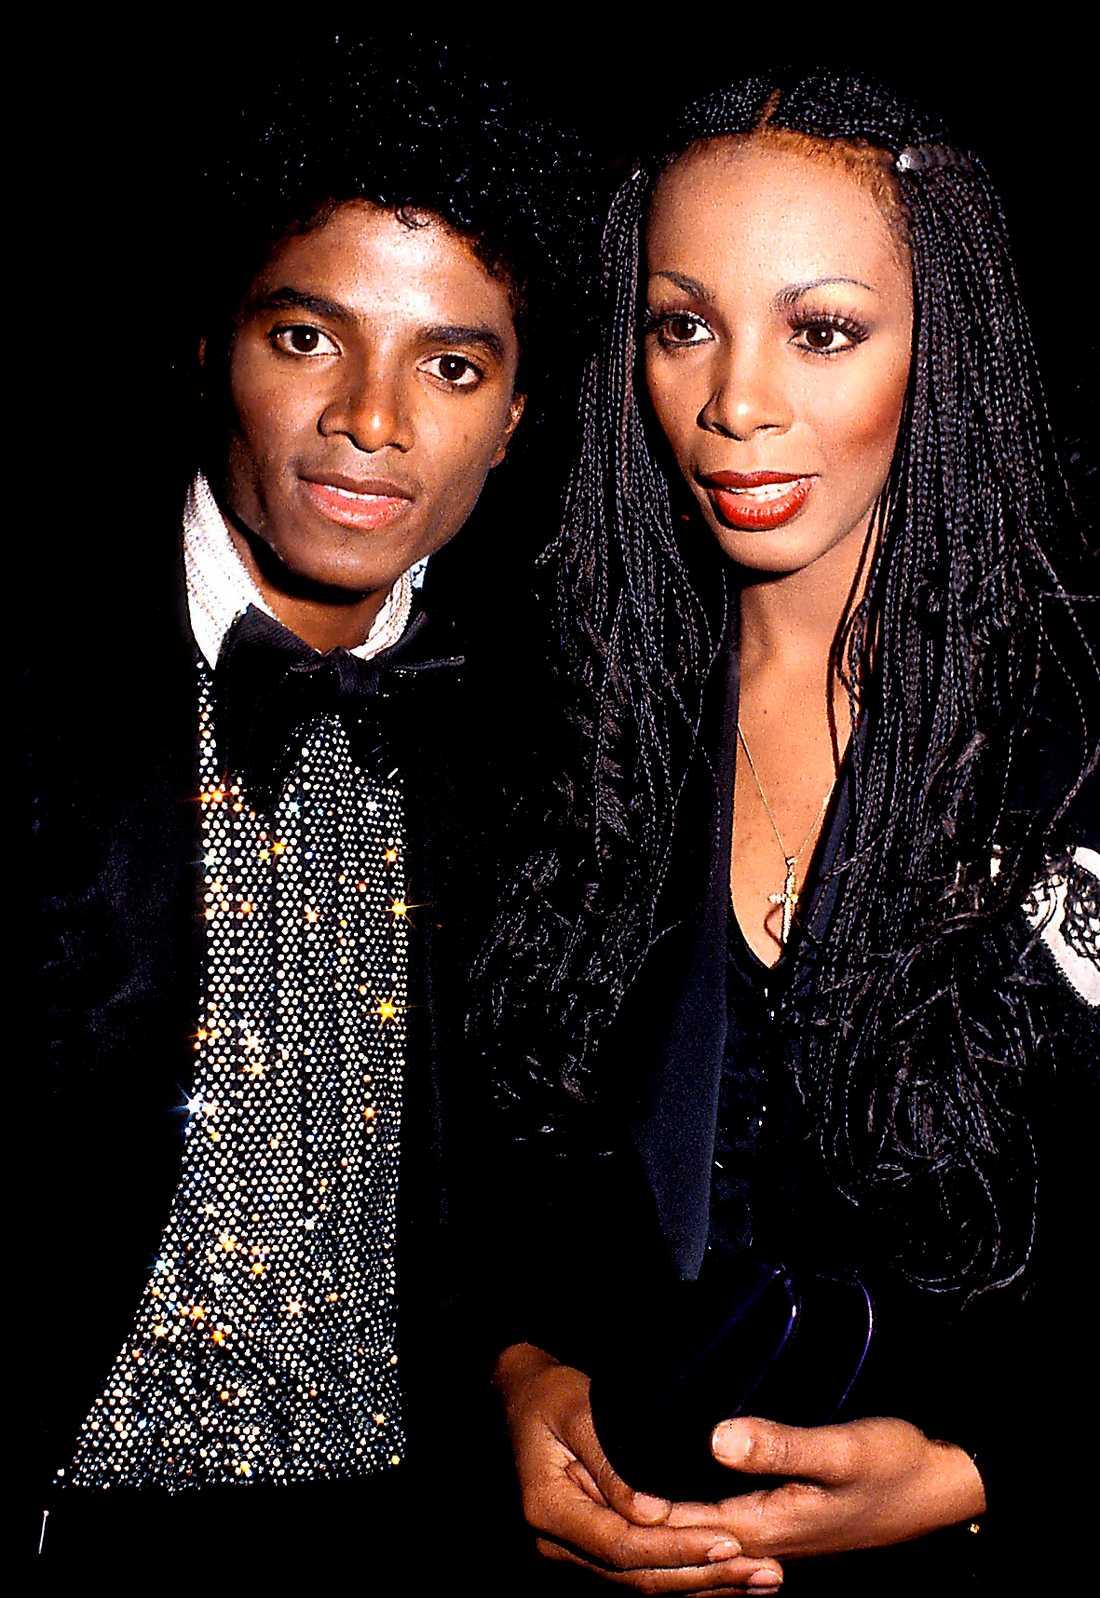 Superstjärnorna Michael Jackson och Donna Summer 1980.